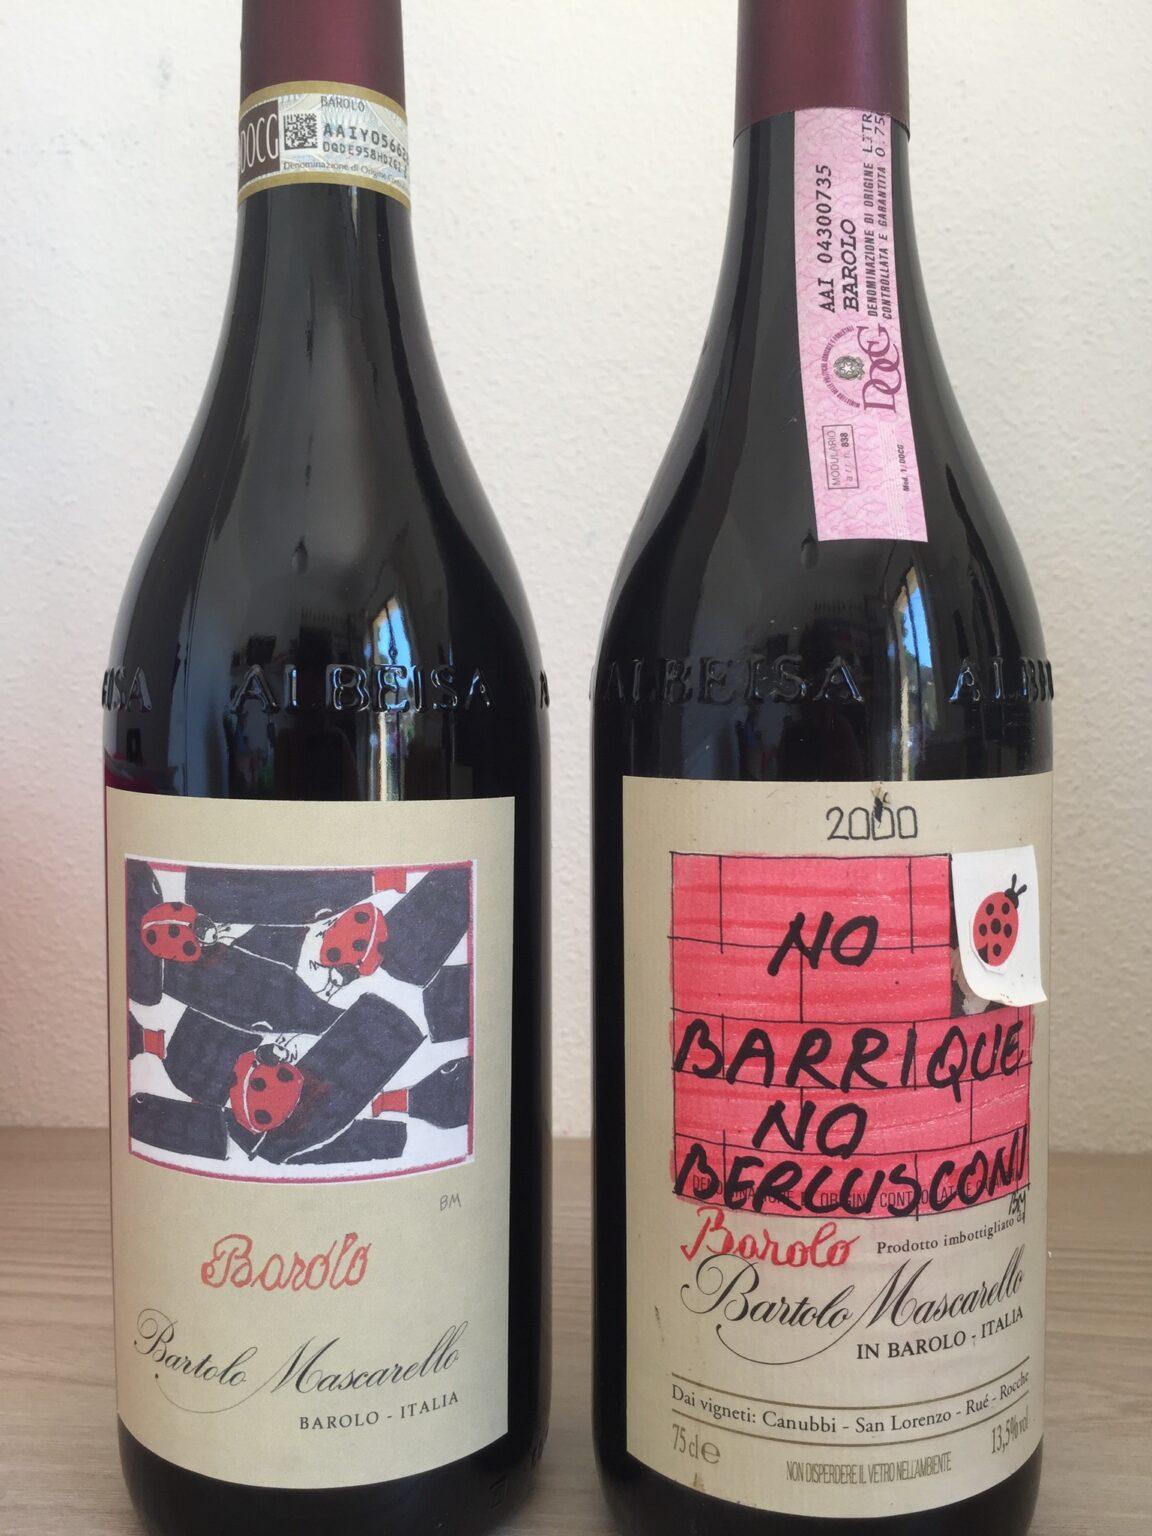 Bottiglie di Barolo di Bartolo Moscarello